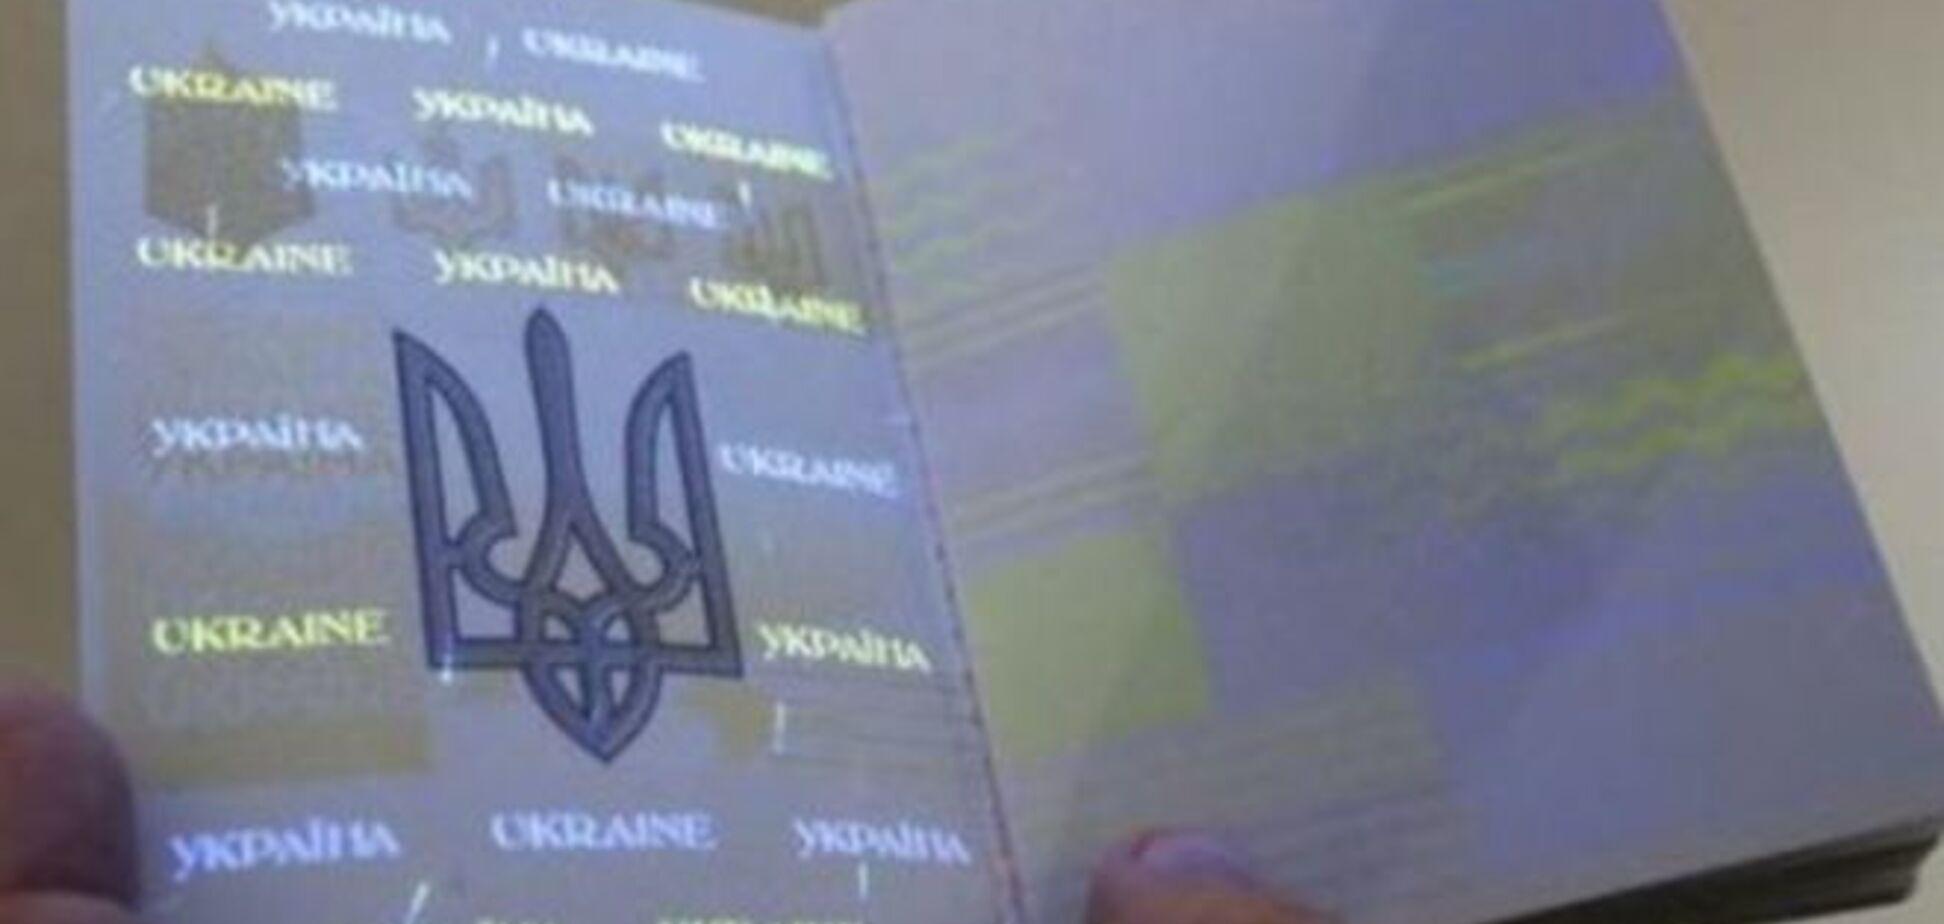 Проблемы с биометрическими паспортами, посредники предлагают их по тройной цене: видео